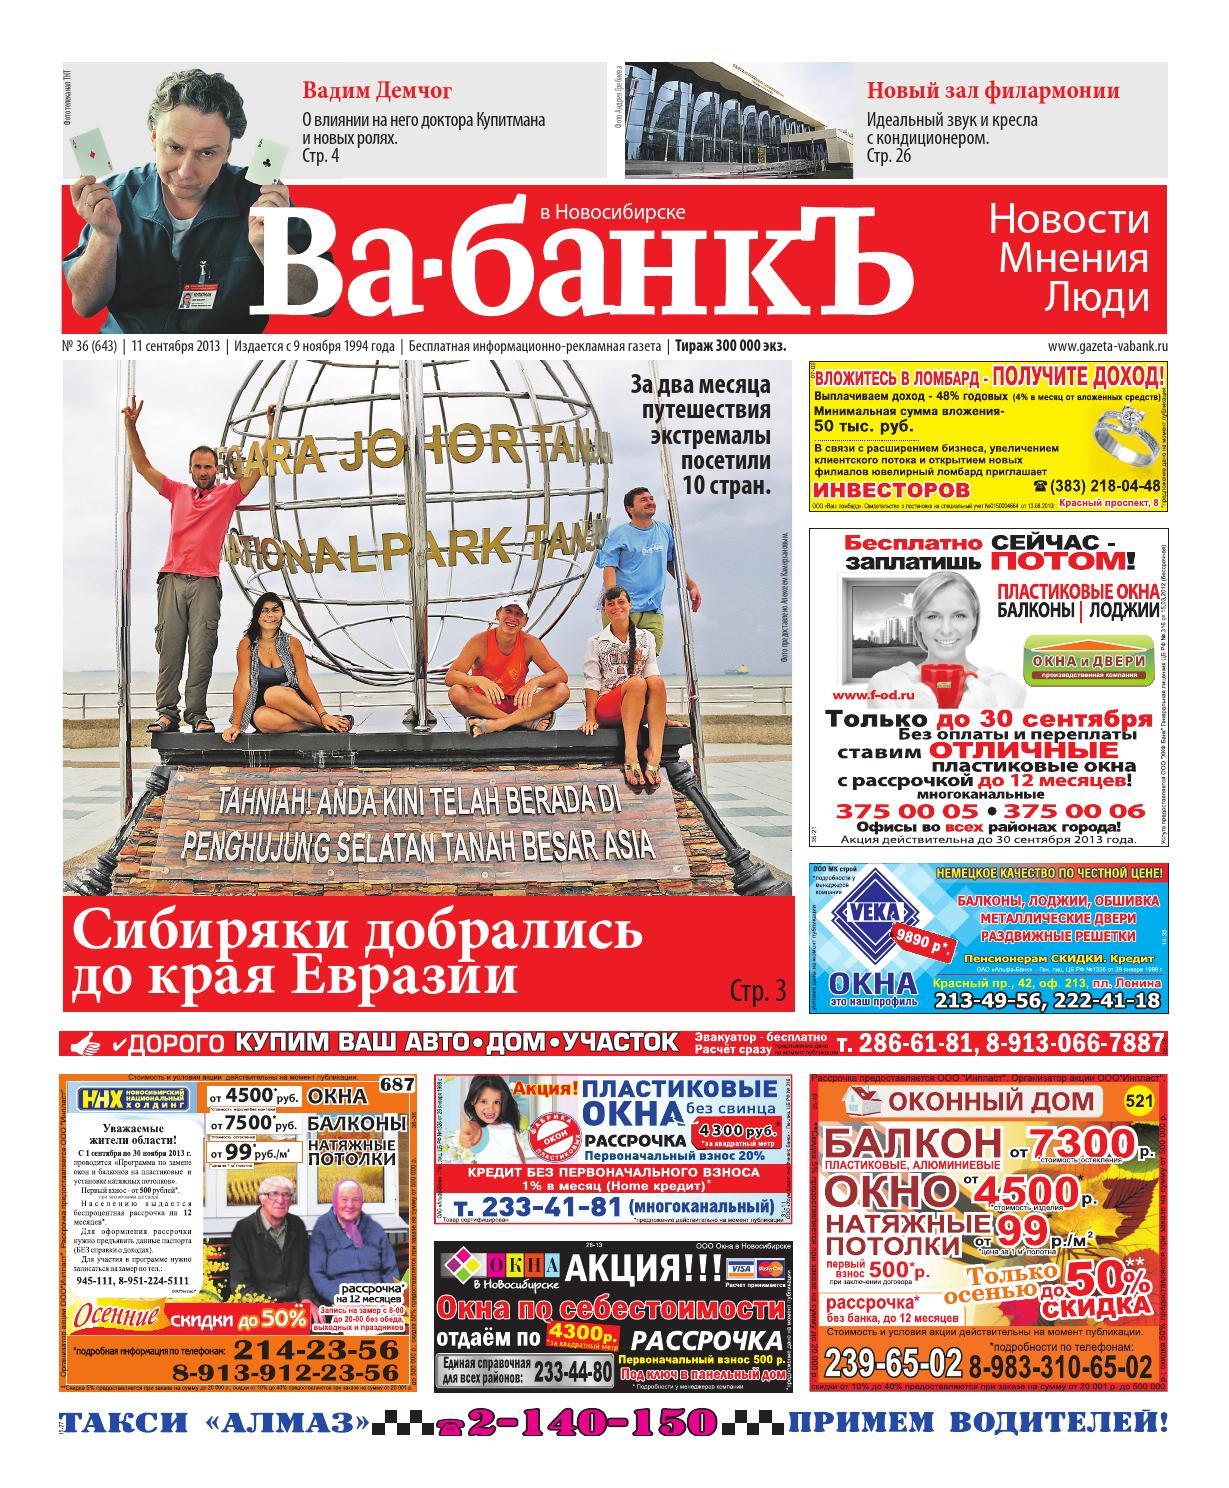 ночной клуб эгоист новосибирск кропоткина 271